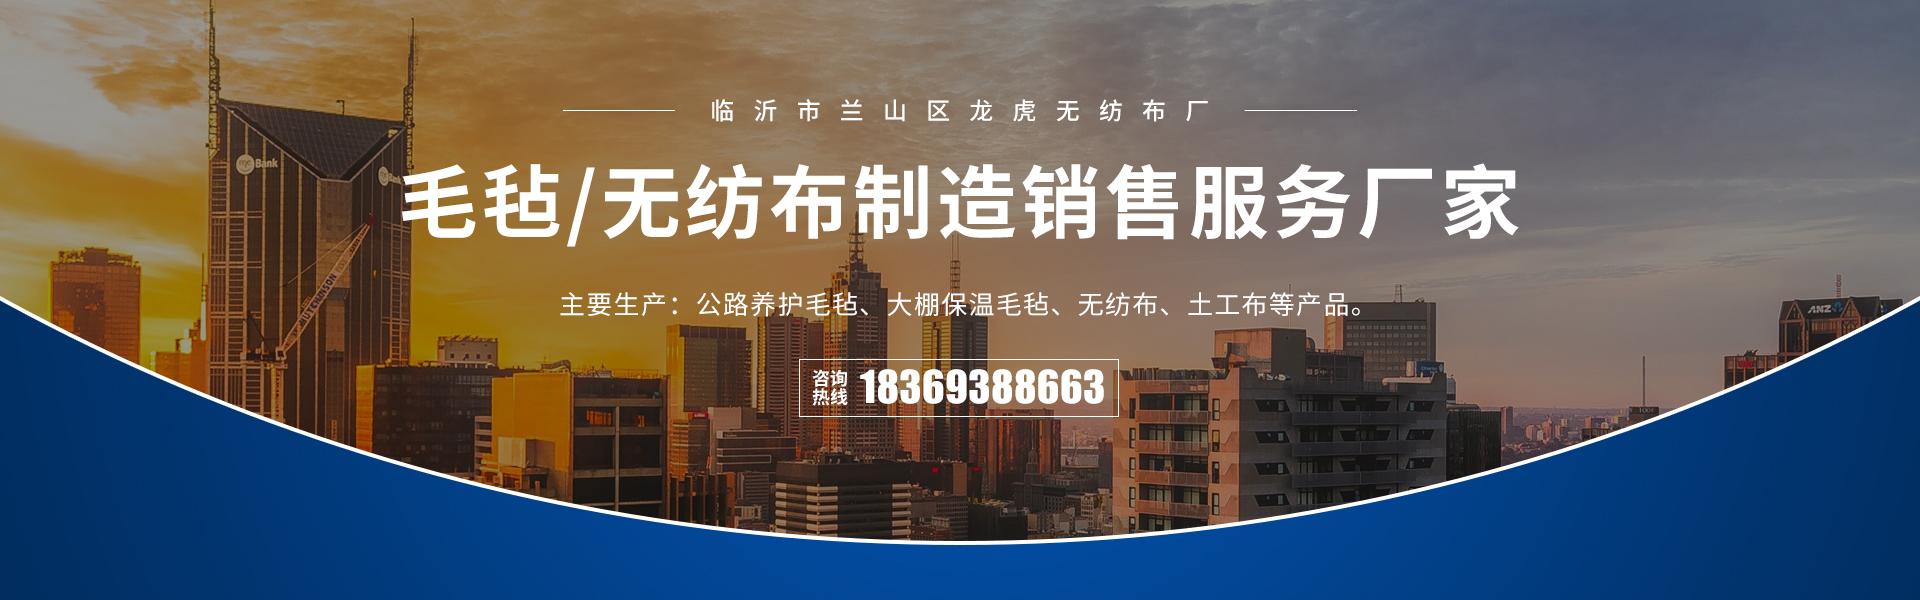 临沂毛毡_公路养护毛毡_毛毡厂家-临沂龙虎毛毡